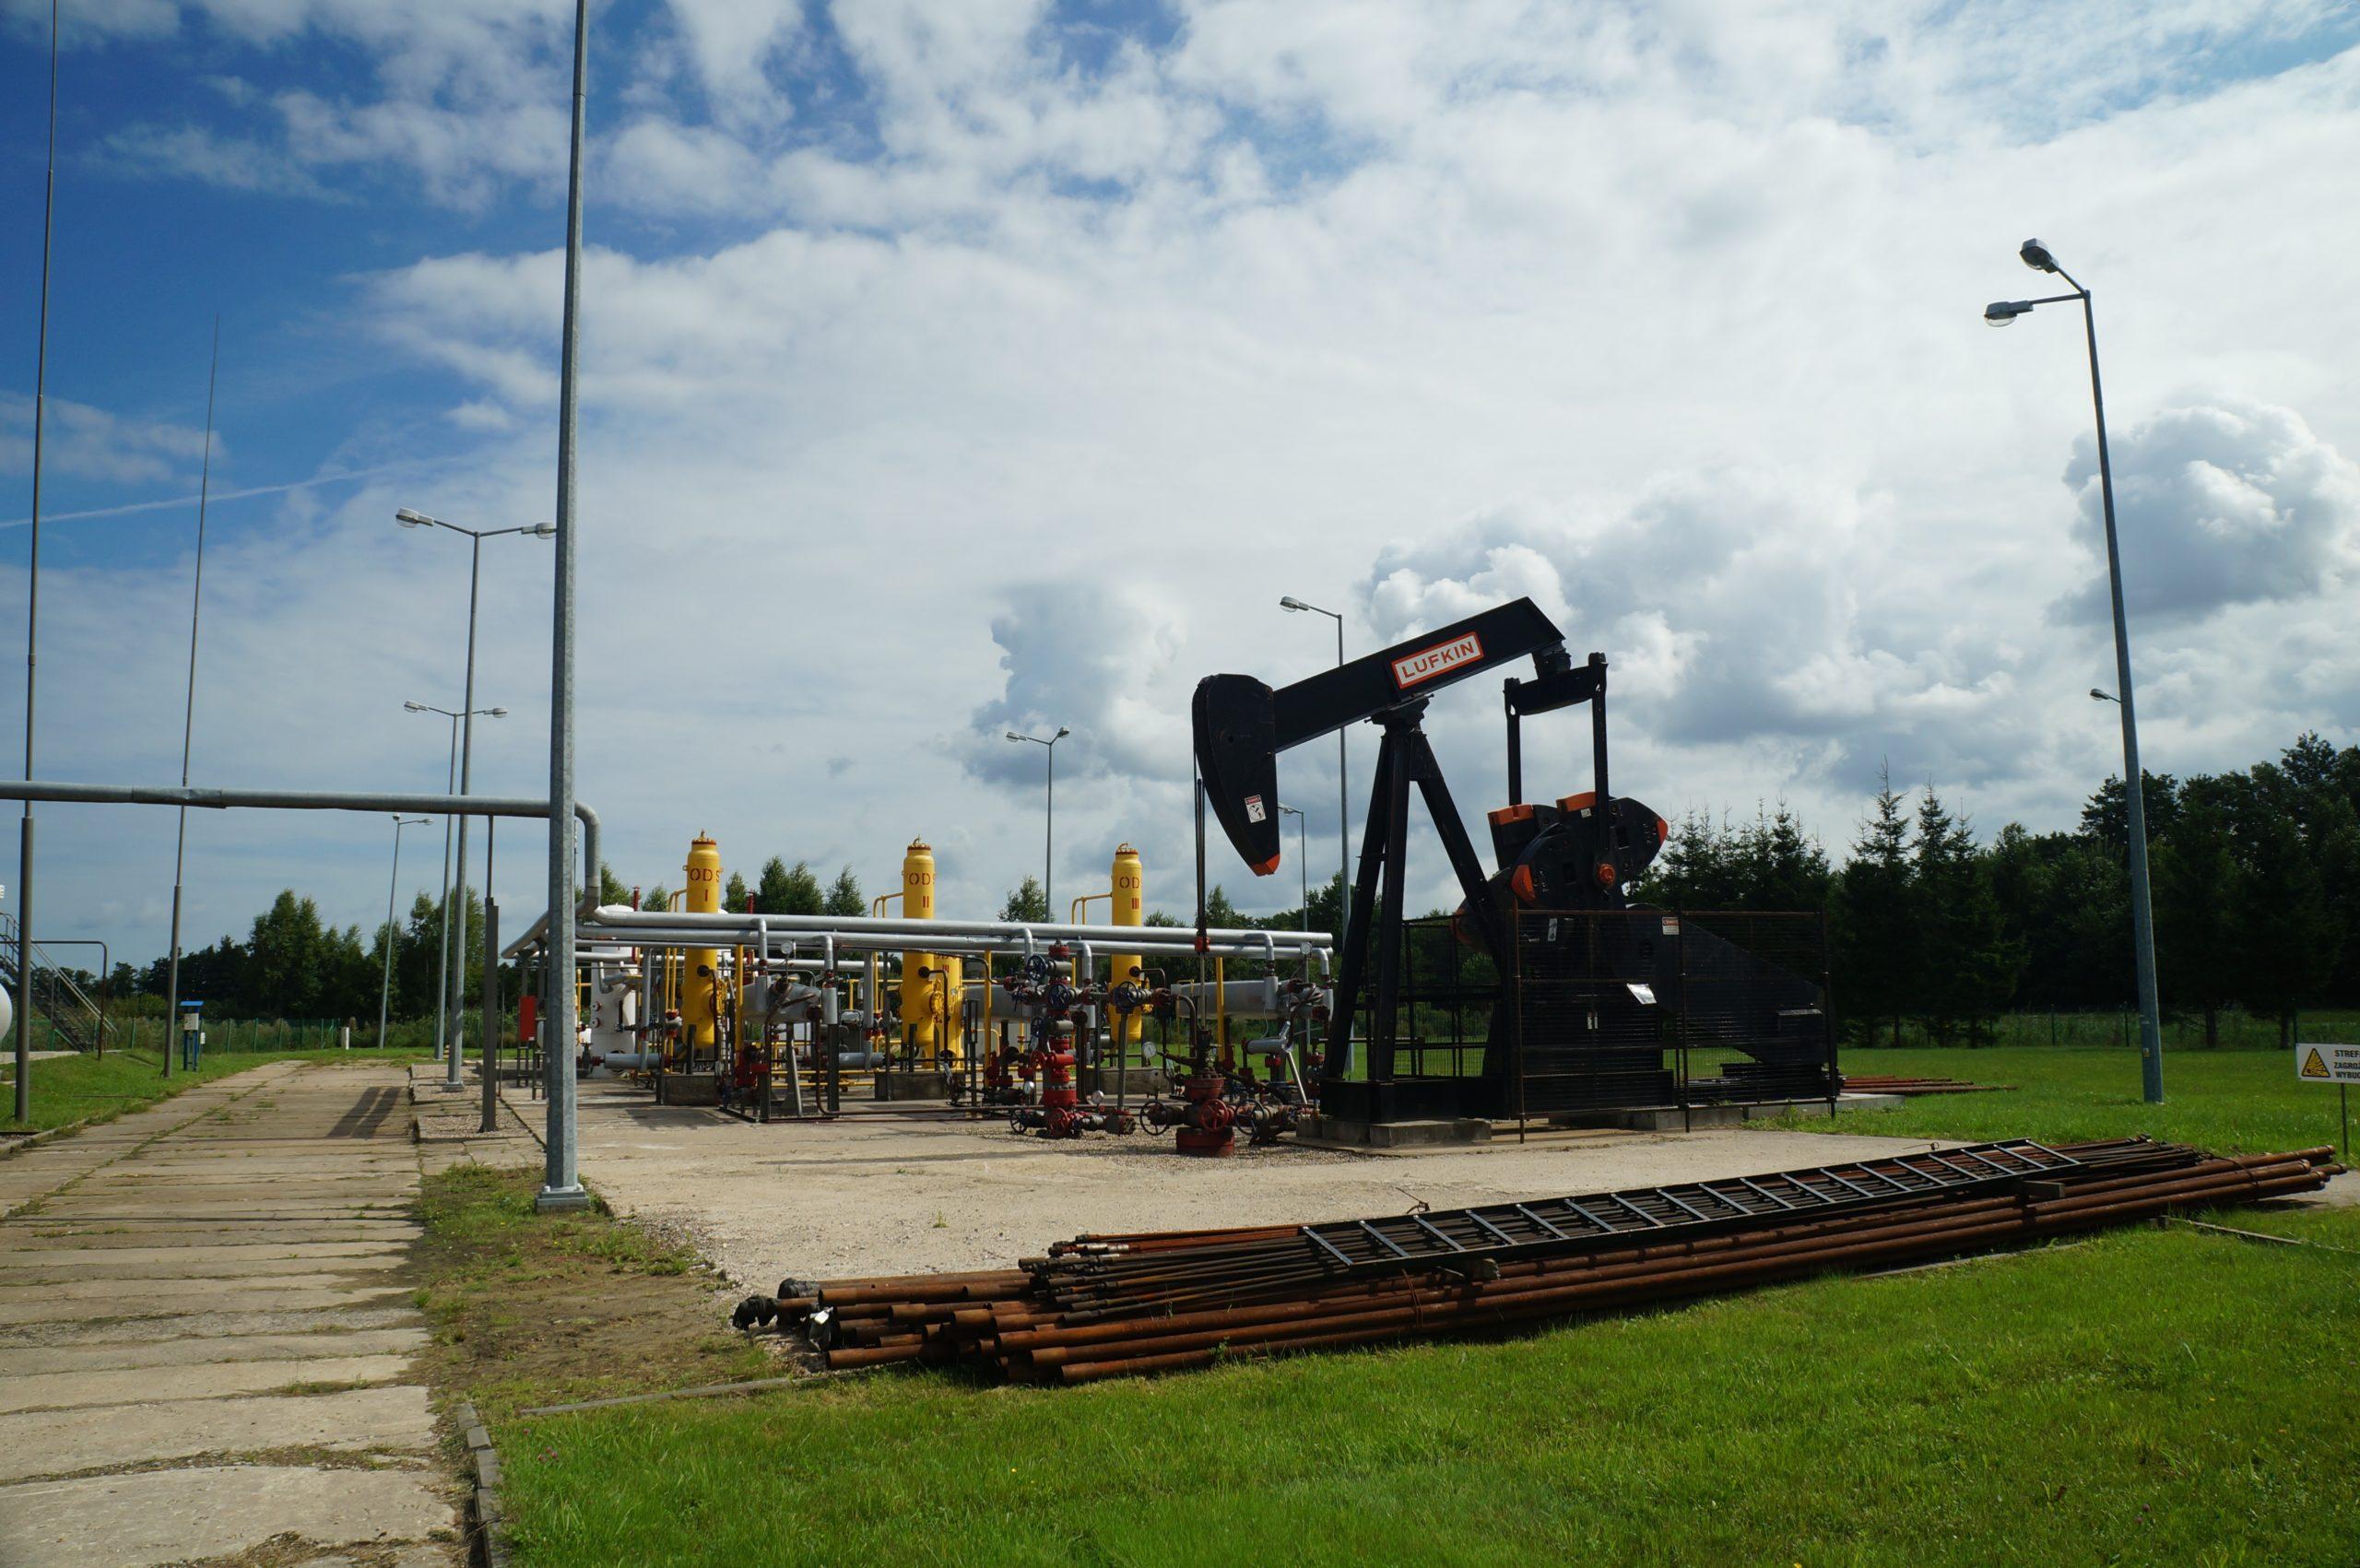 Bản tin thị trường năng lượng ngày 5/8: Giá dầu tiếp tục tăng trước những hi vọng vào gói kích thích mới - Ảnh 1.